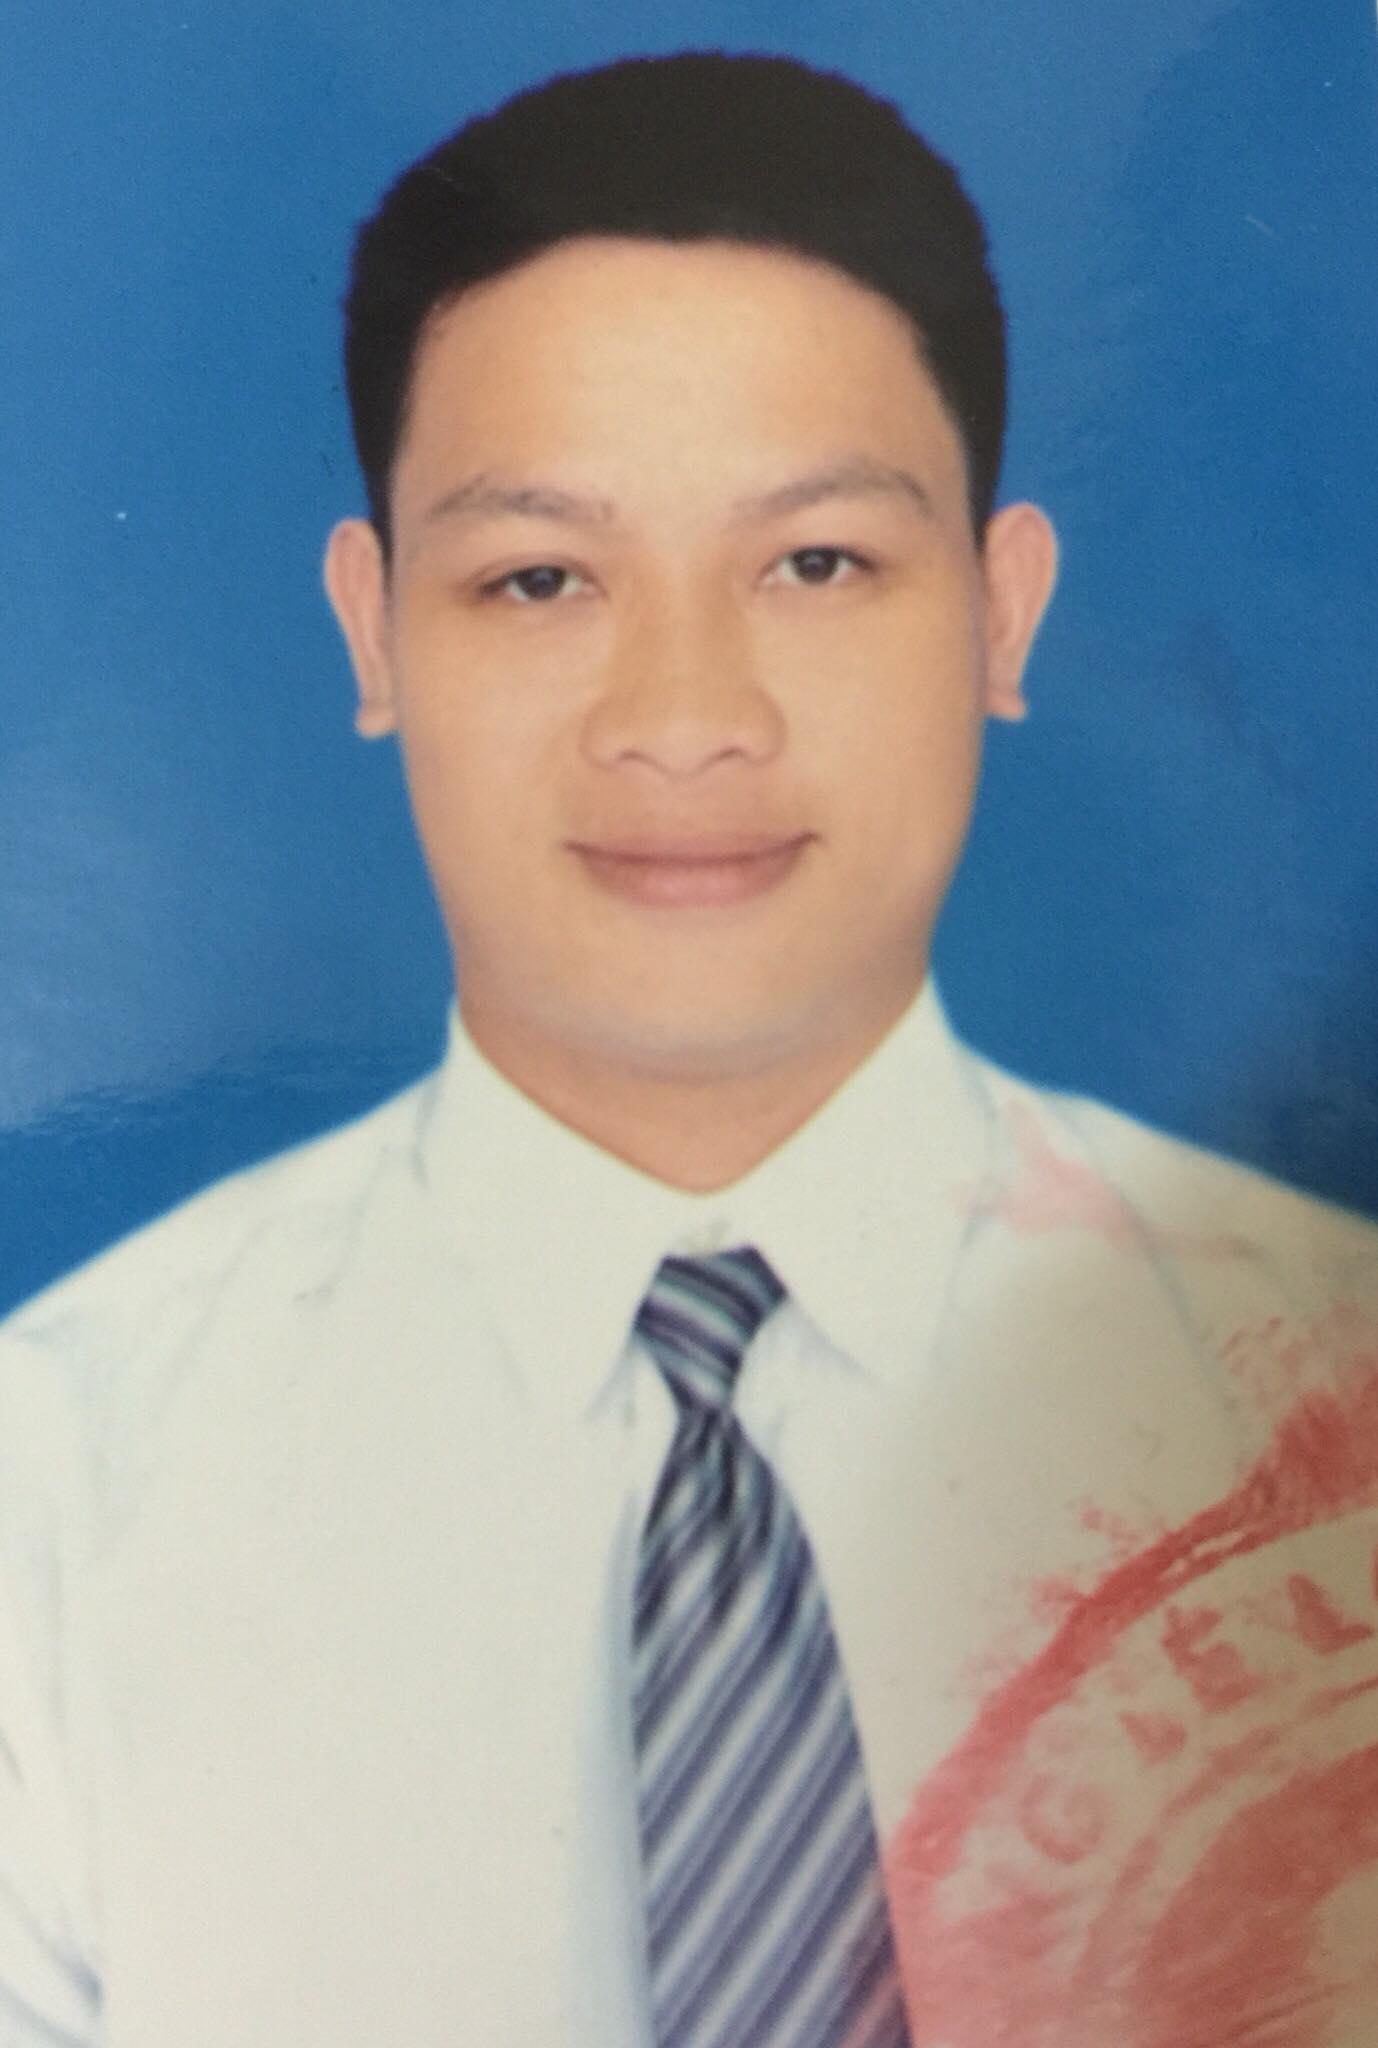 Nguyễn Lê Tuấn